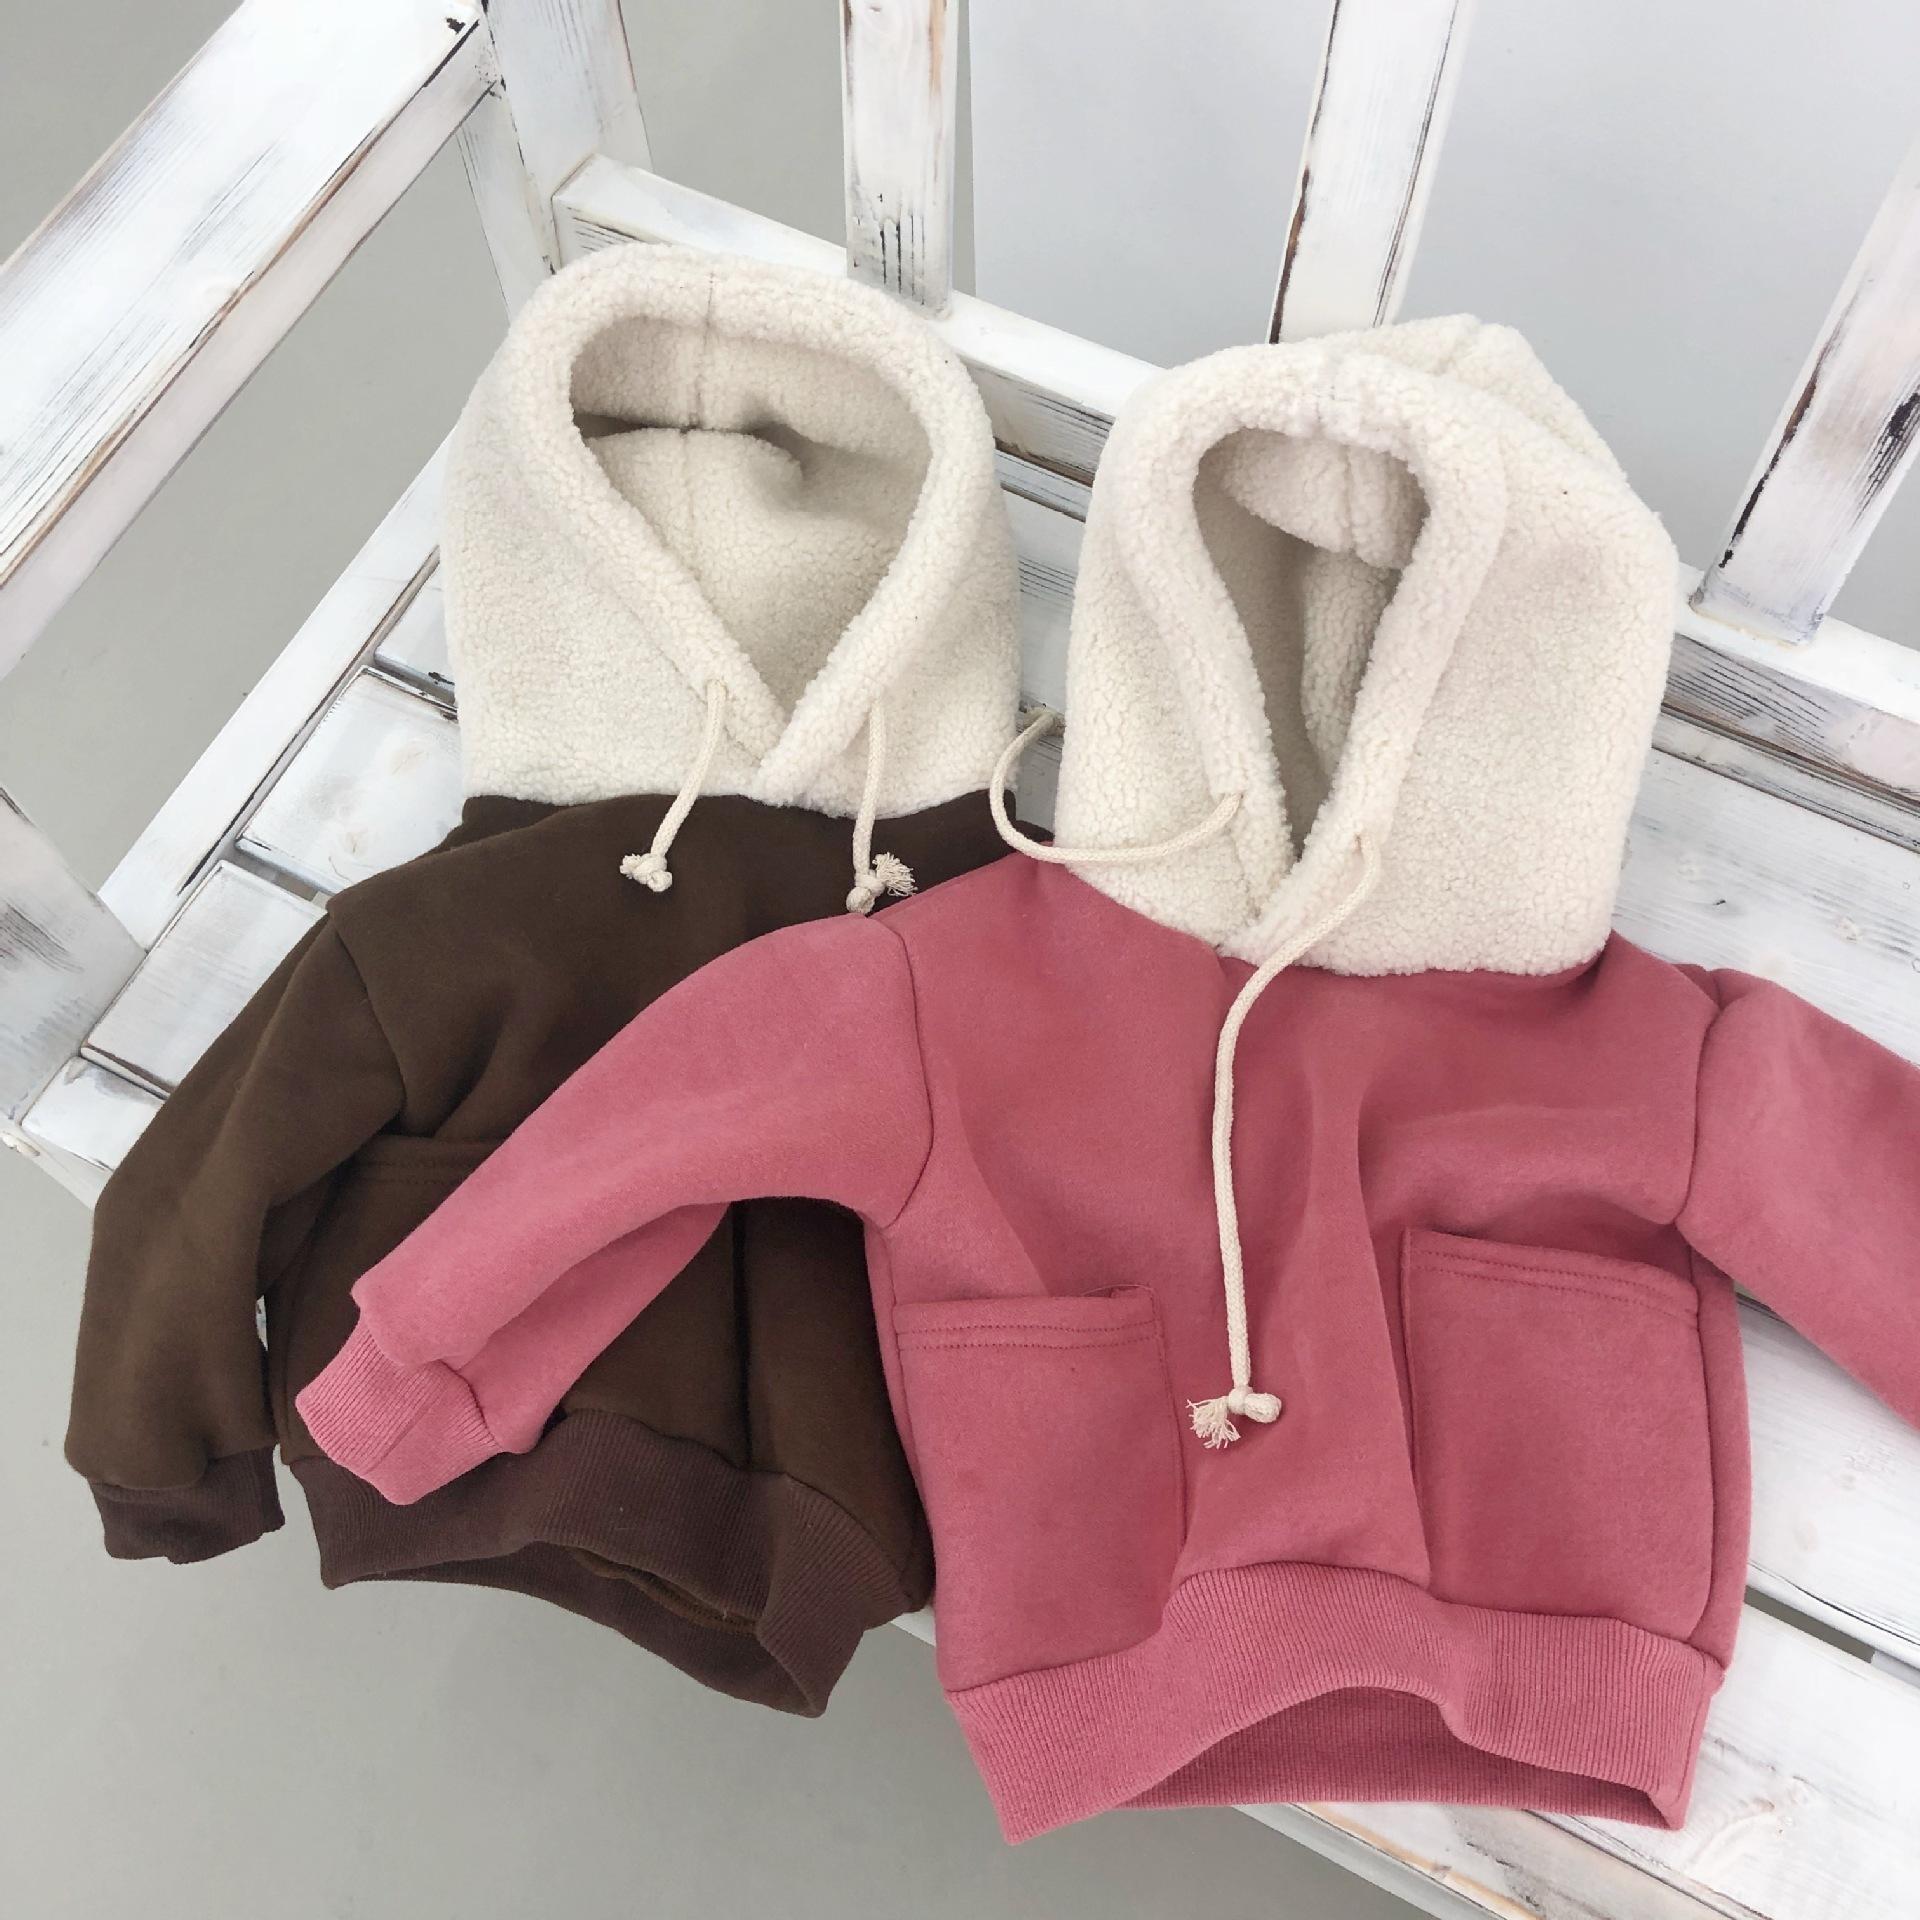 32d4c74ff 2019 recién llegado de bebés niñas sudadera invierno otoño niño con capucha  polar cálido mangas largas suéter niños camiseta ropa para 1-5Y